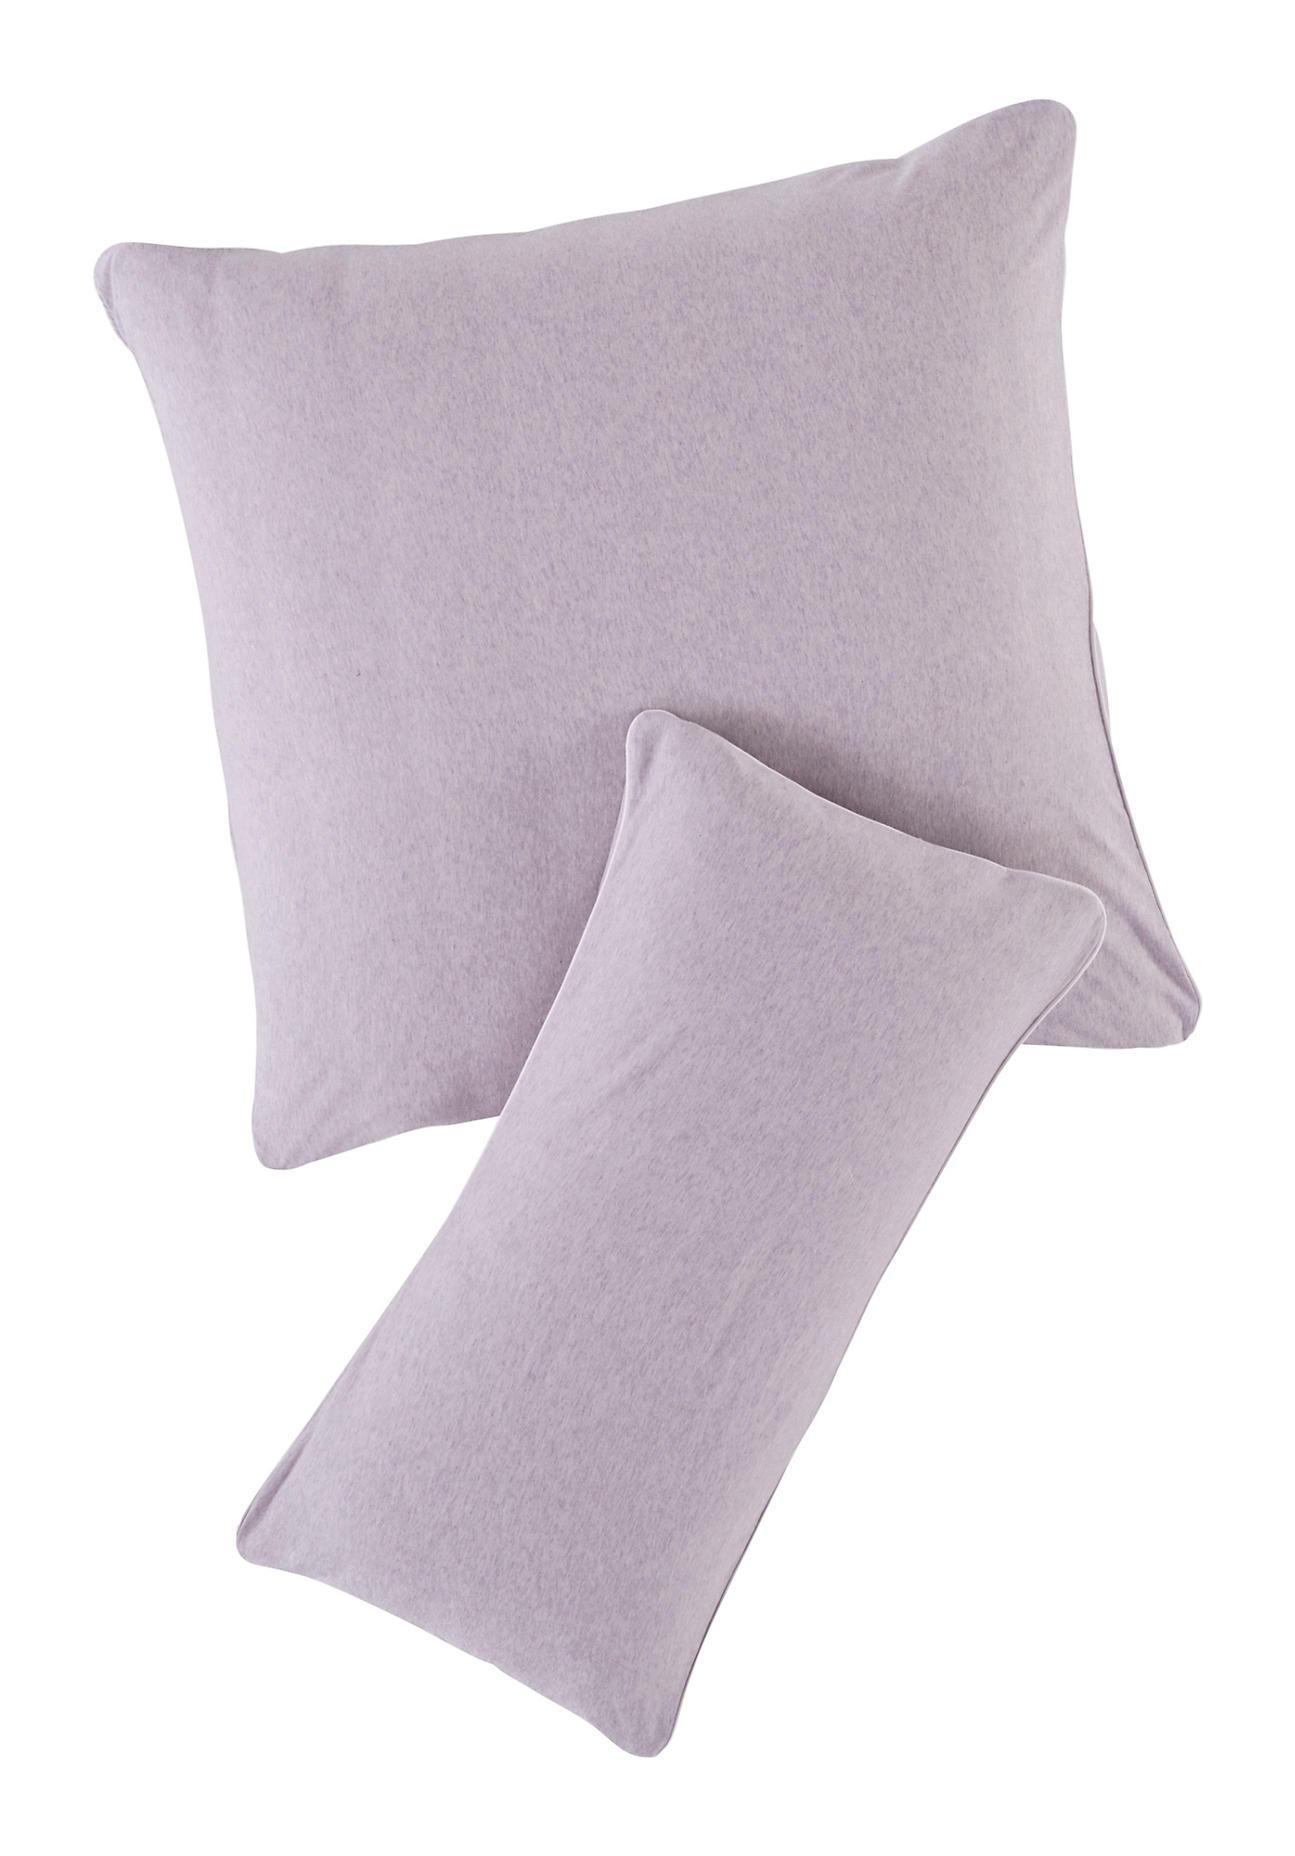 hessnatur Jersey Kissenbezug Liam aus Bio-Baumwolle – lila – Größe 40x80 cm